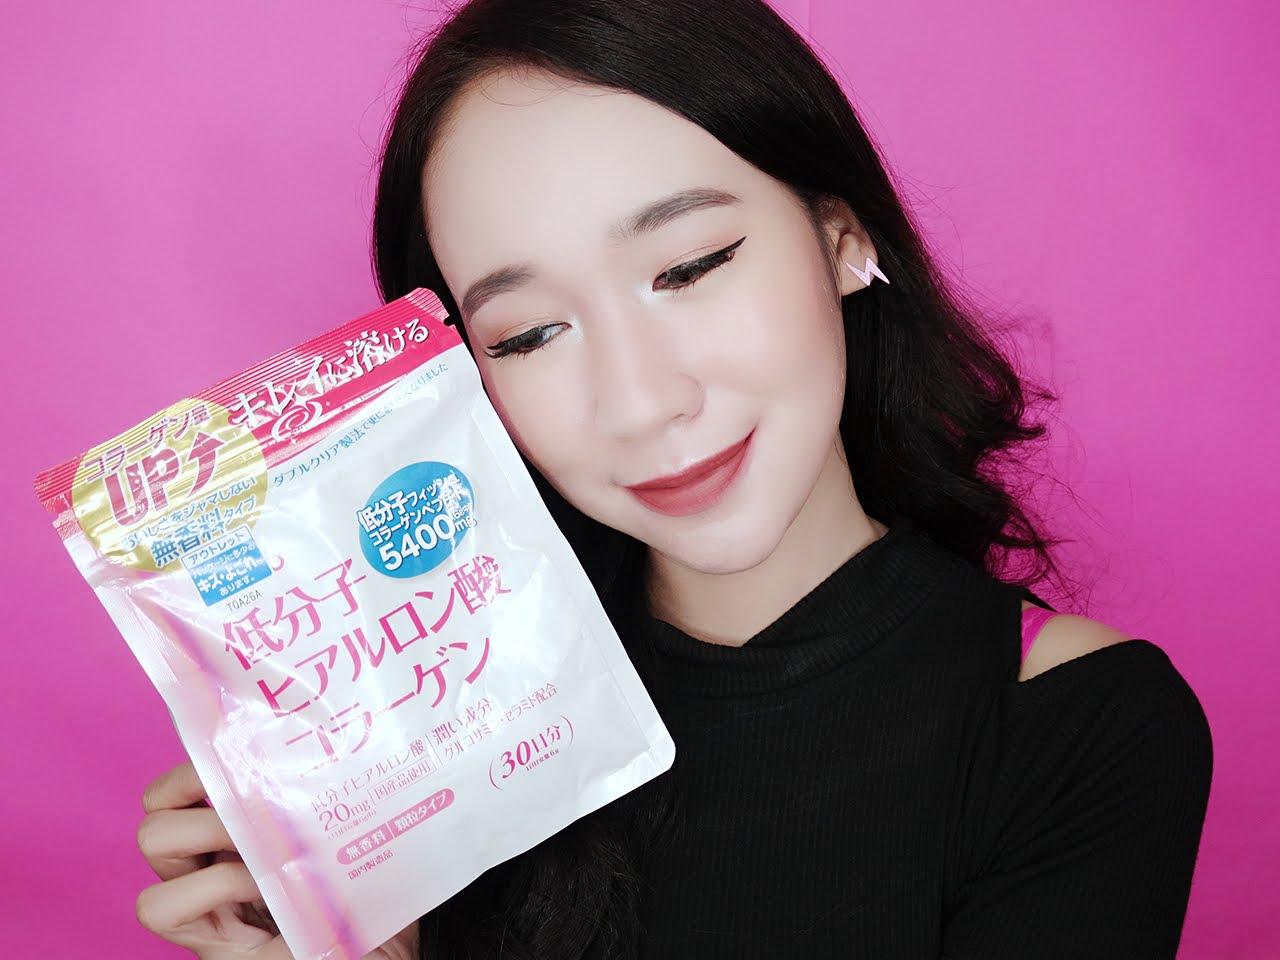 5 loại thực phẩm chức năng phụ nữ Nhật thường sử dụng giúp duy trì làn da mịn đẹp, chống lão hóa hiệu quả - Ảnh 3.